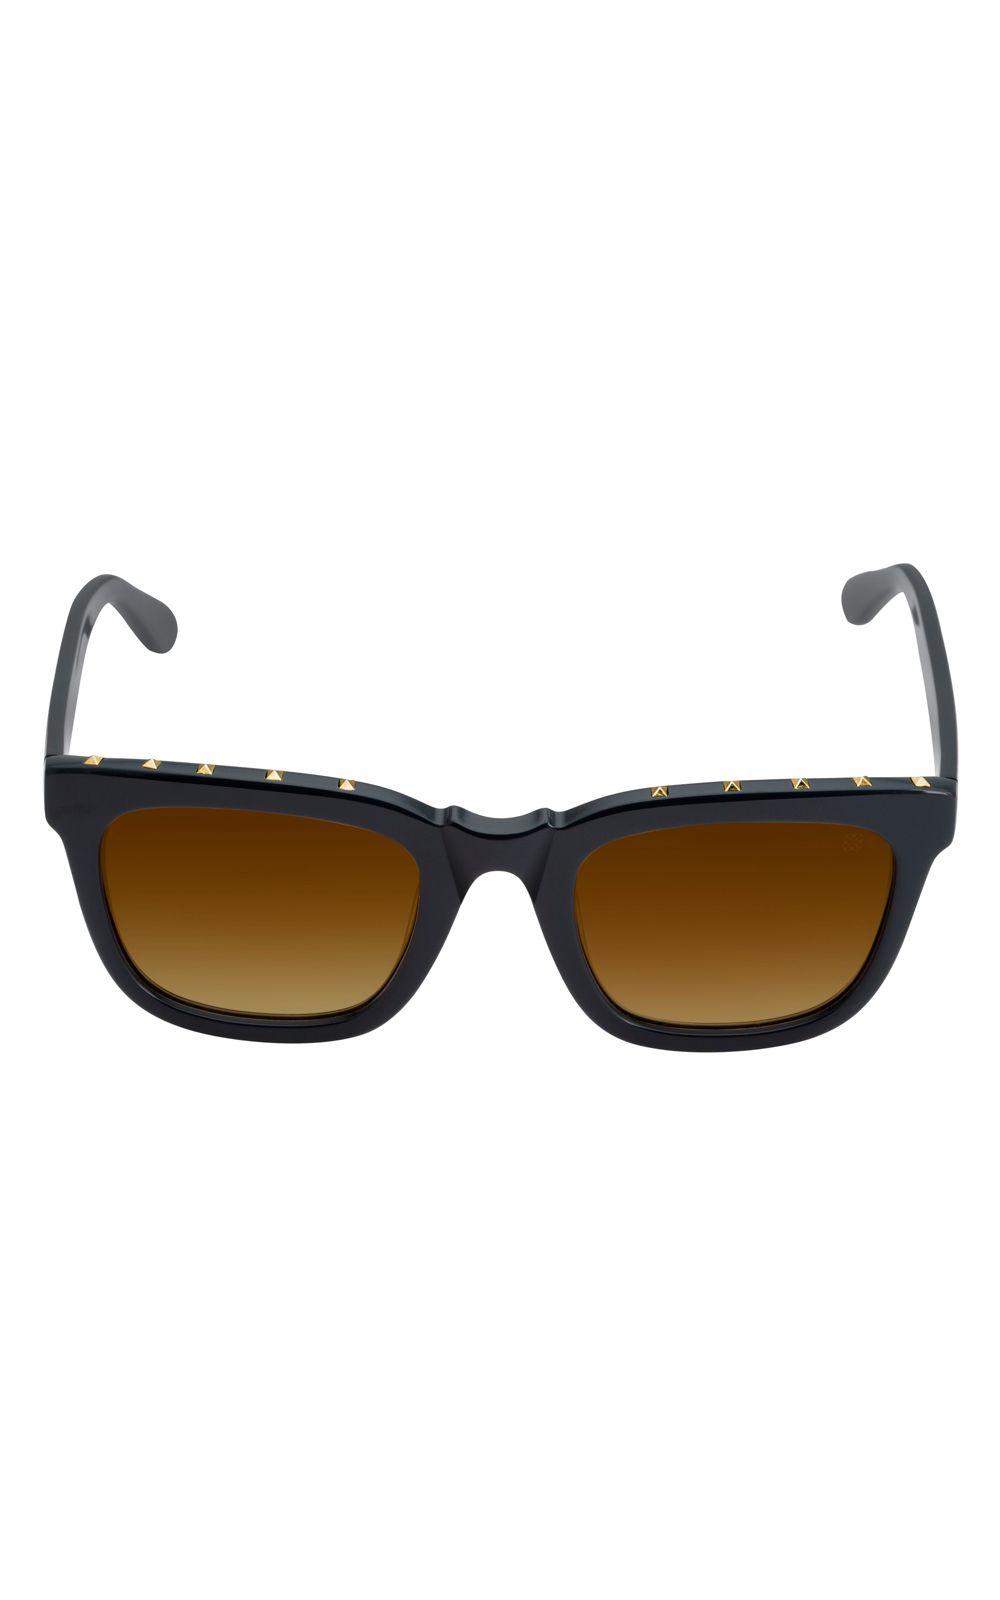 Foto 1 - Óculos Euro Spike Glam Feminino Azul E0034K1541/8D